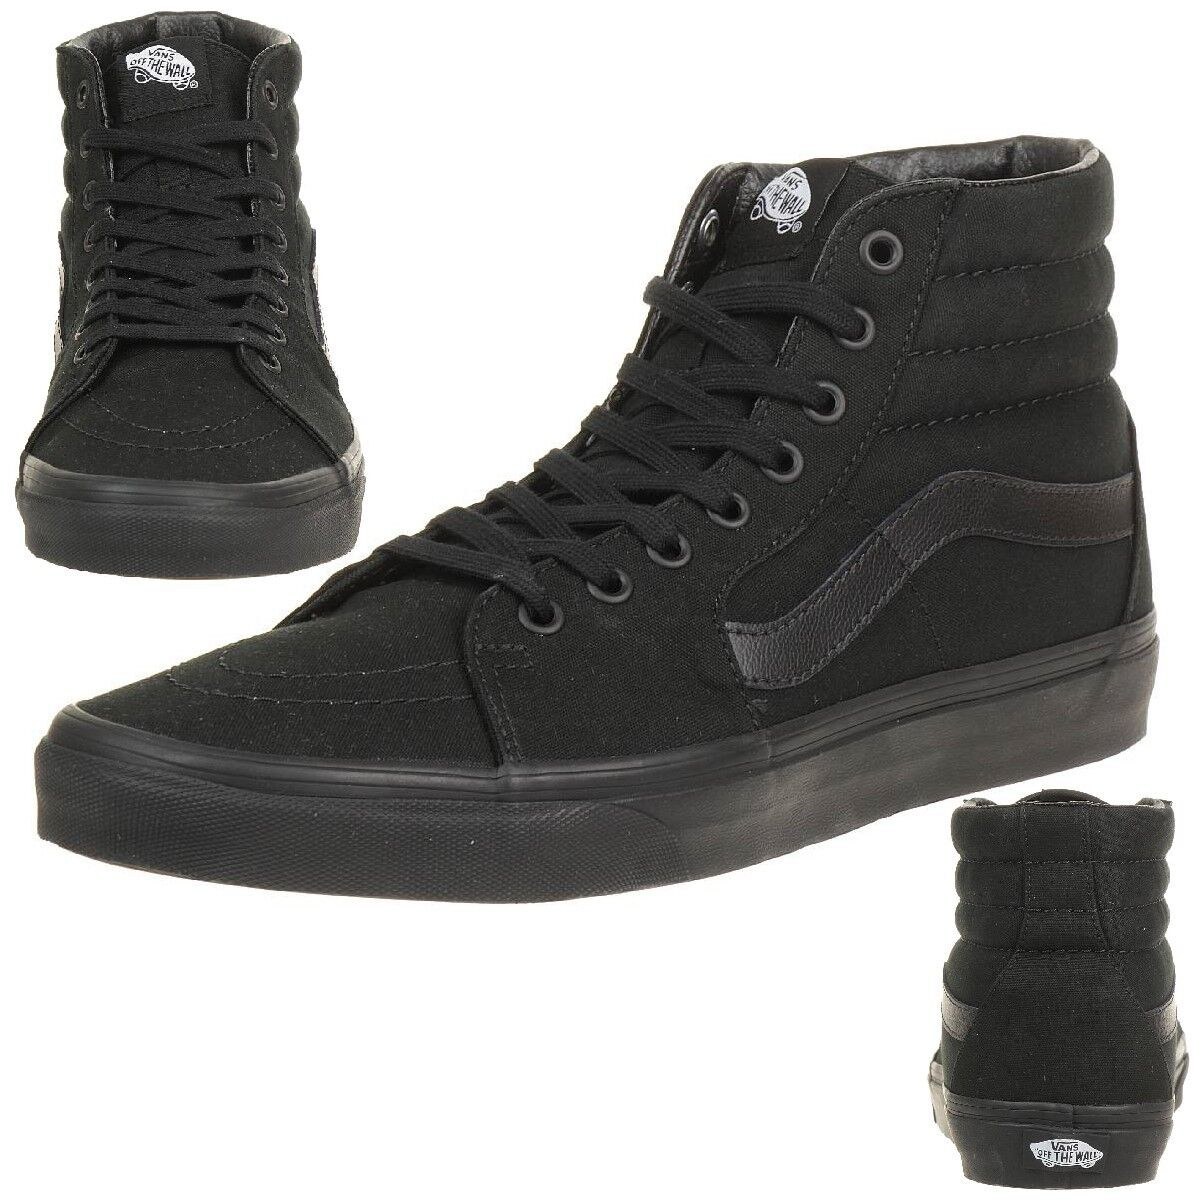 VANS Sk8-Hi Unisex-Erwachsene Sneaker TS9BJ4 schwarz schwarz canvas